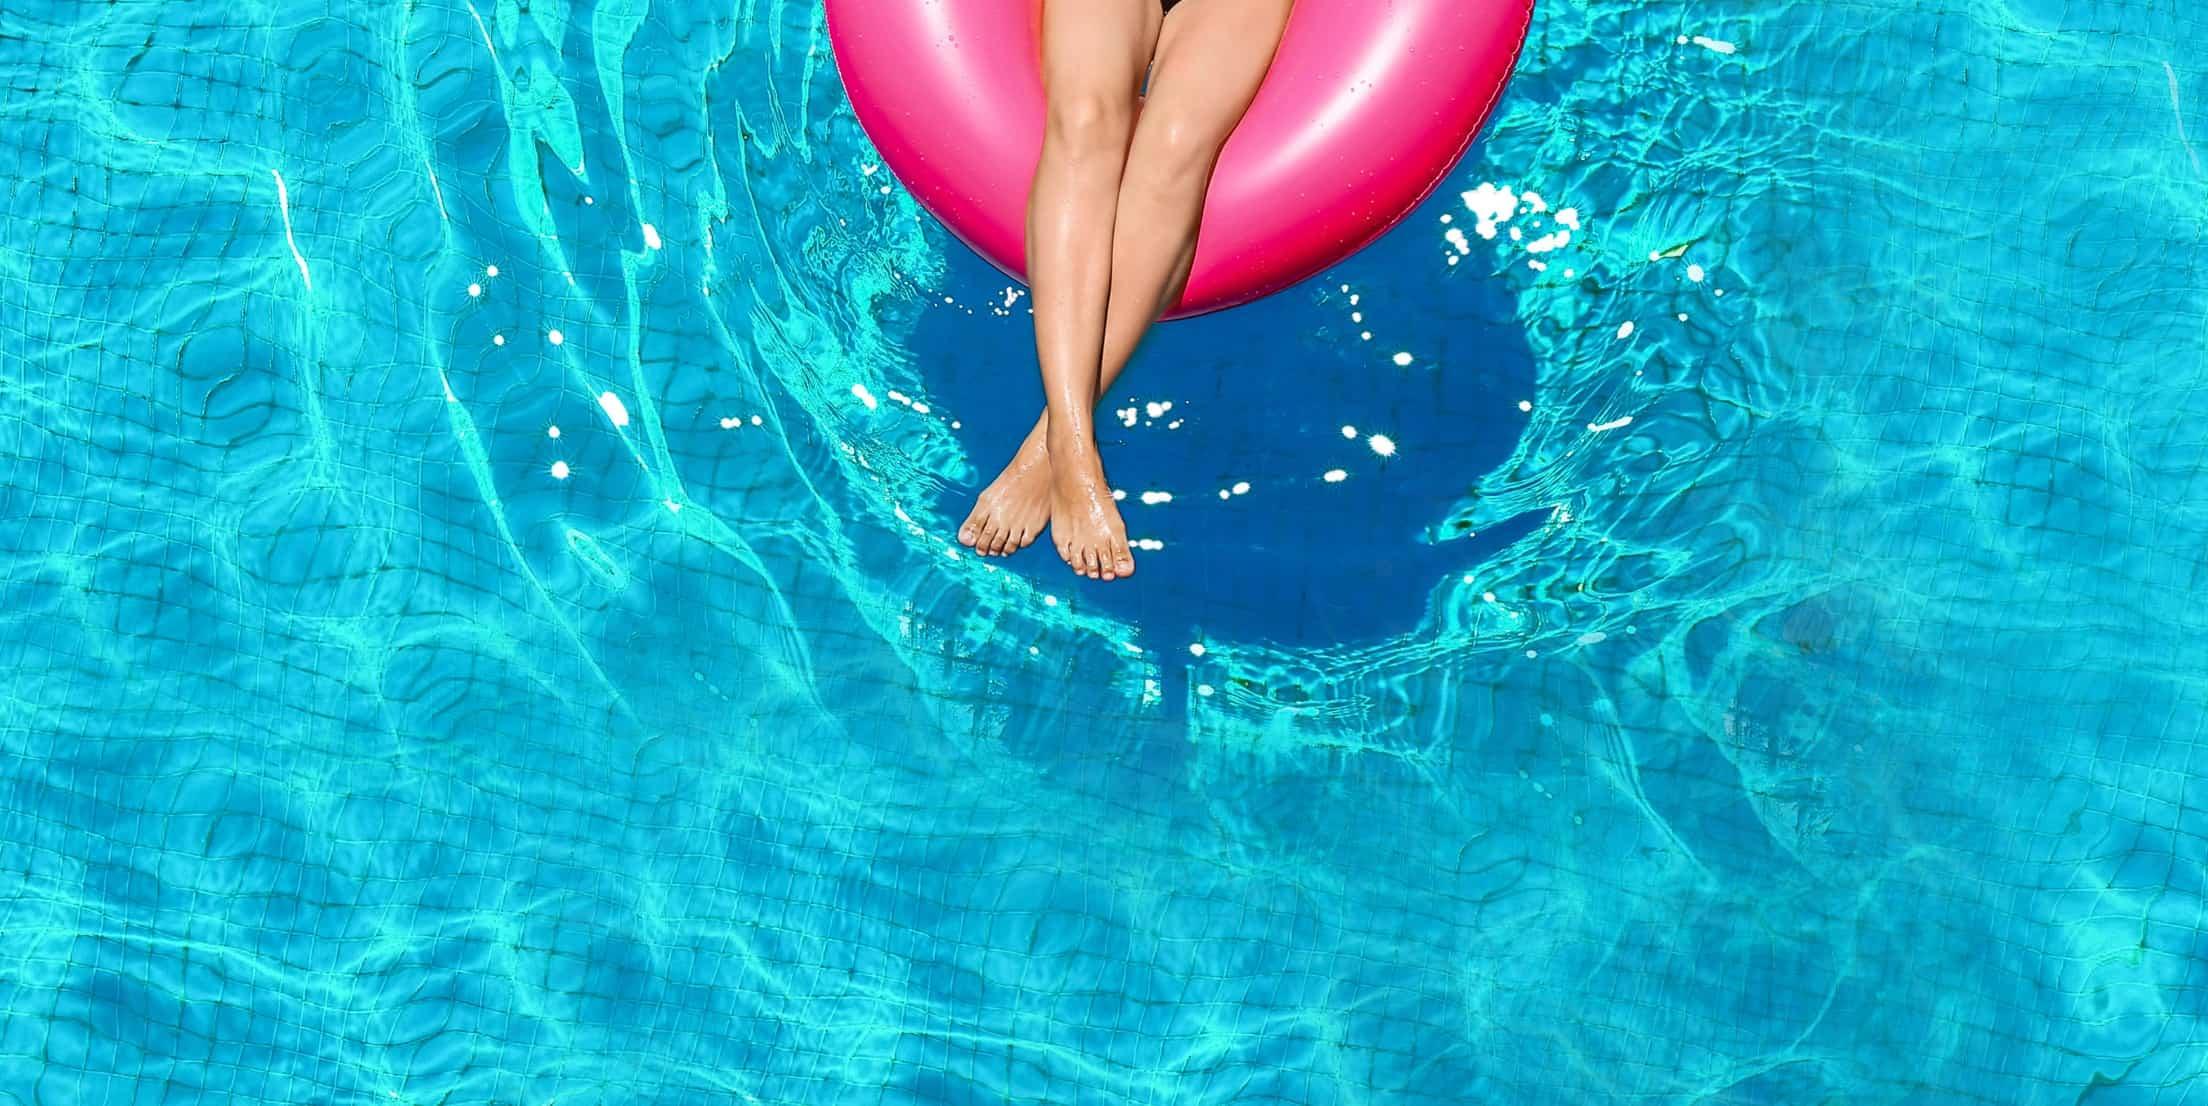 Donna in piscina su un materassino